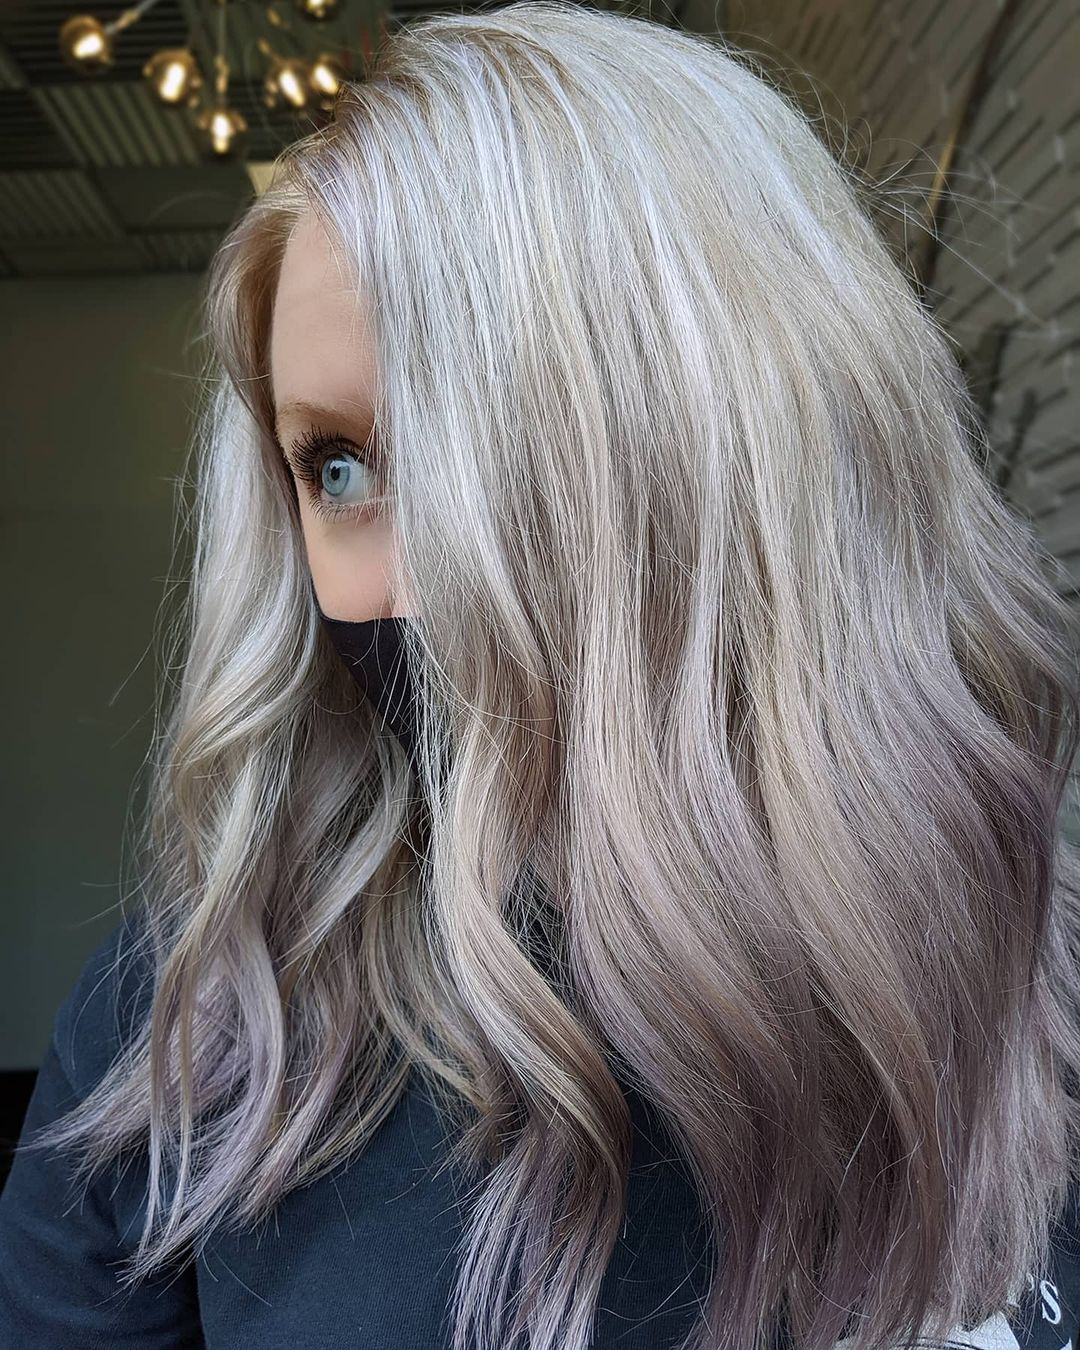 Kadınlar için Pretty Orta Uzun Saç Modelleri 2021 - orta Uzun Saç Rengi